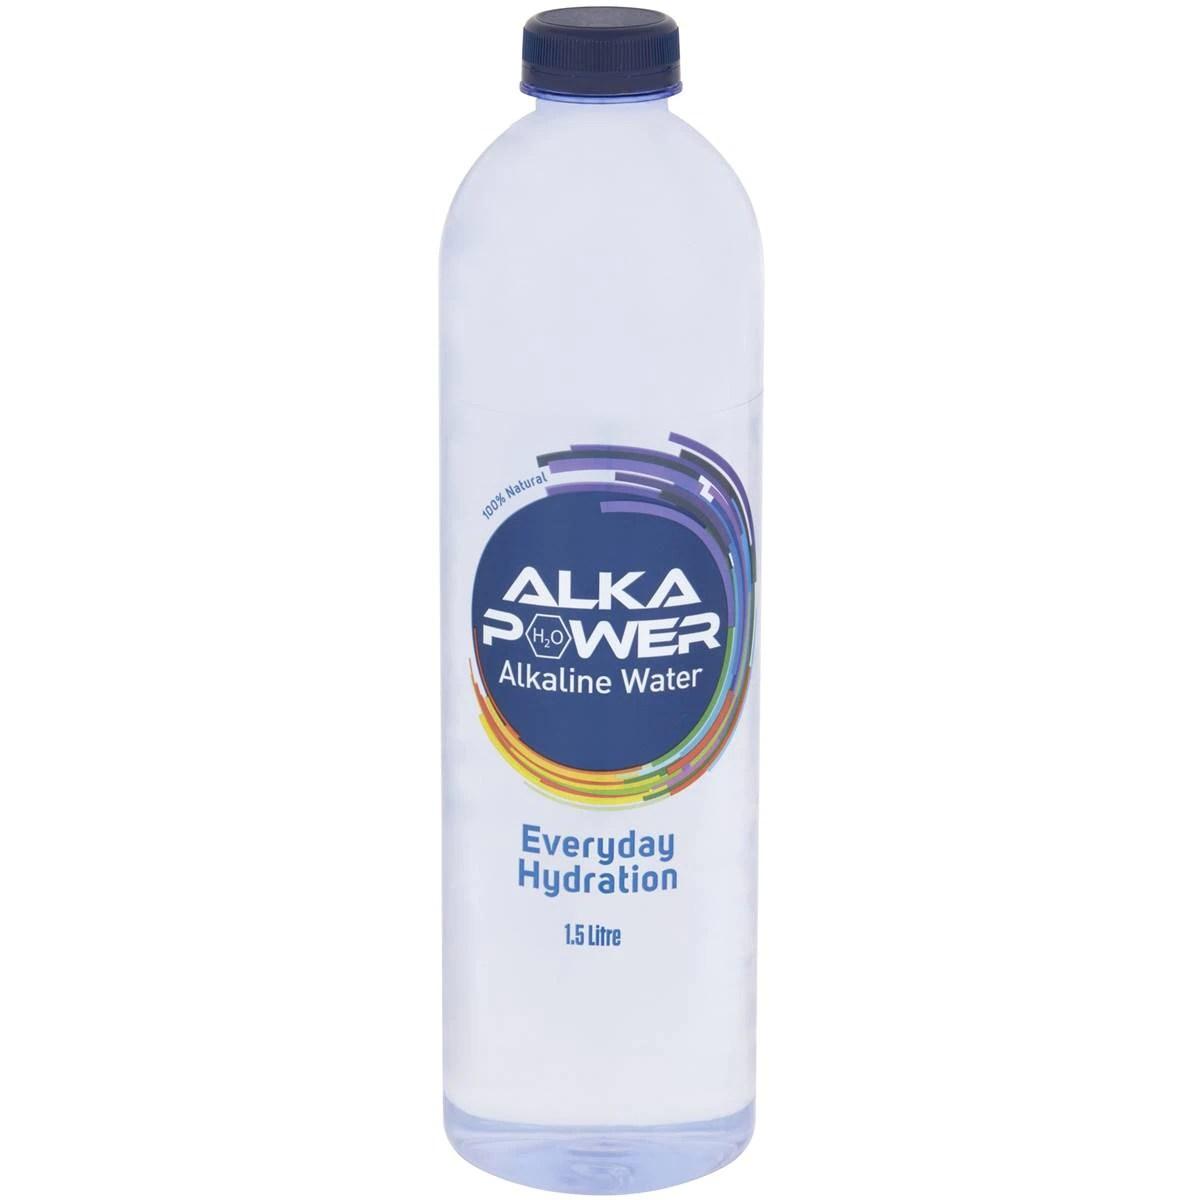 Alka Power Alkaline Water 1.5l bottle   Woolworths